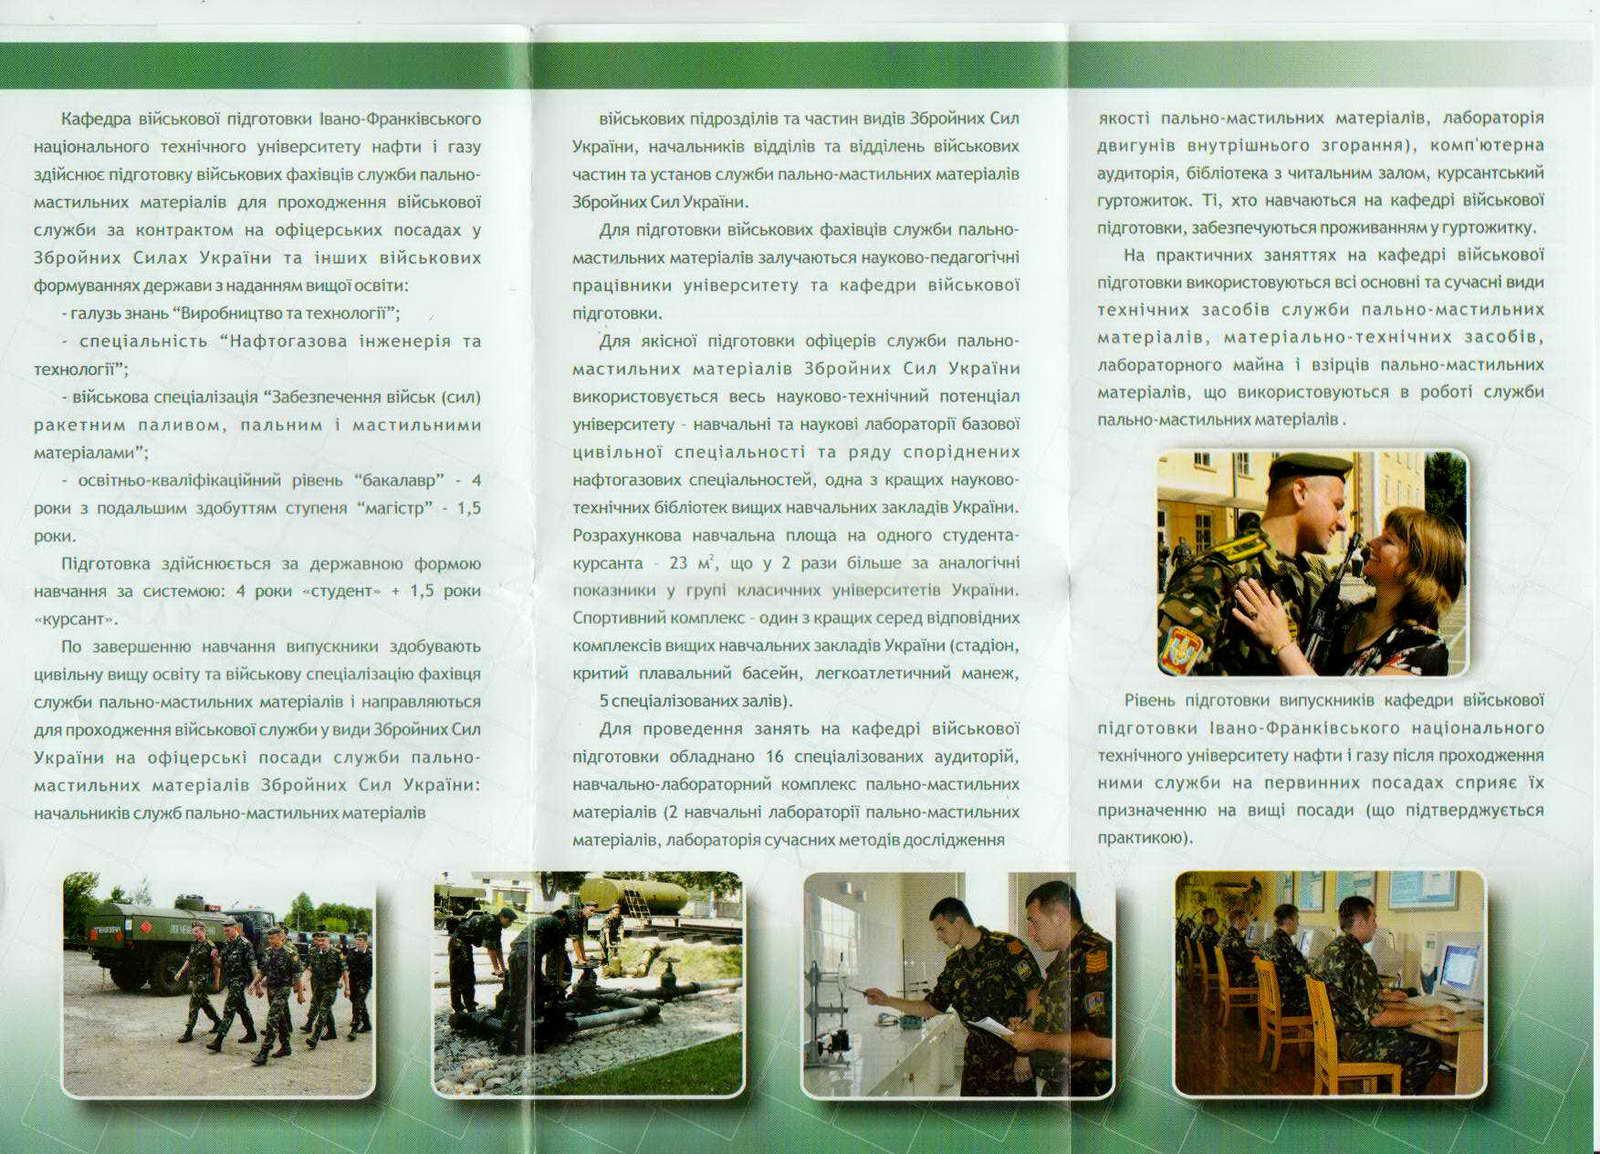 підготовка військових фахівців служби пально-мастильних матеріалів для проходження військової служби за контрактом на офіцерських посадах